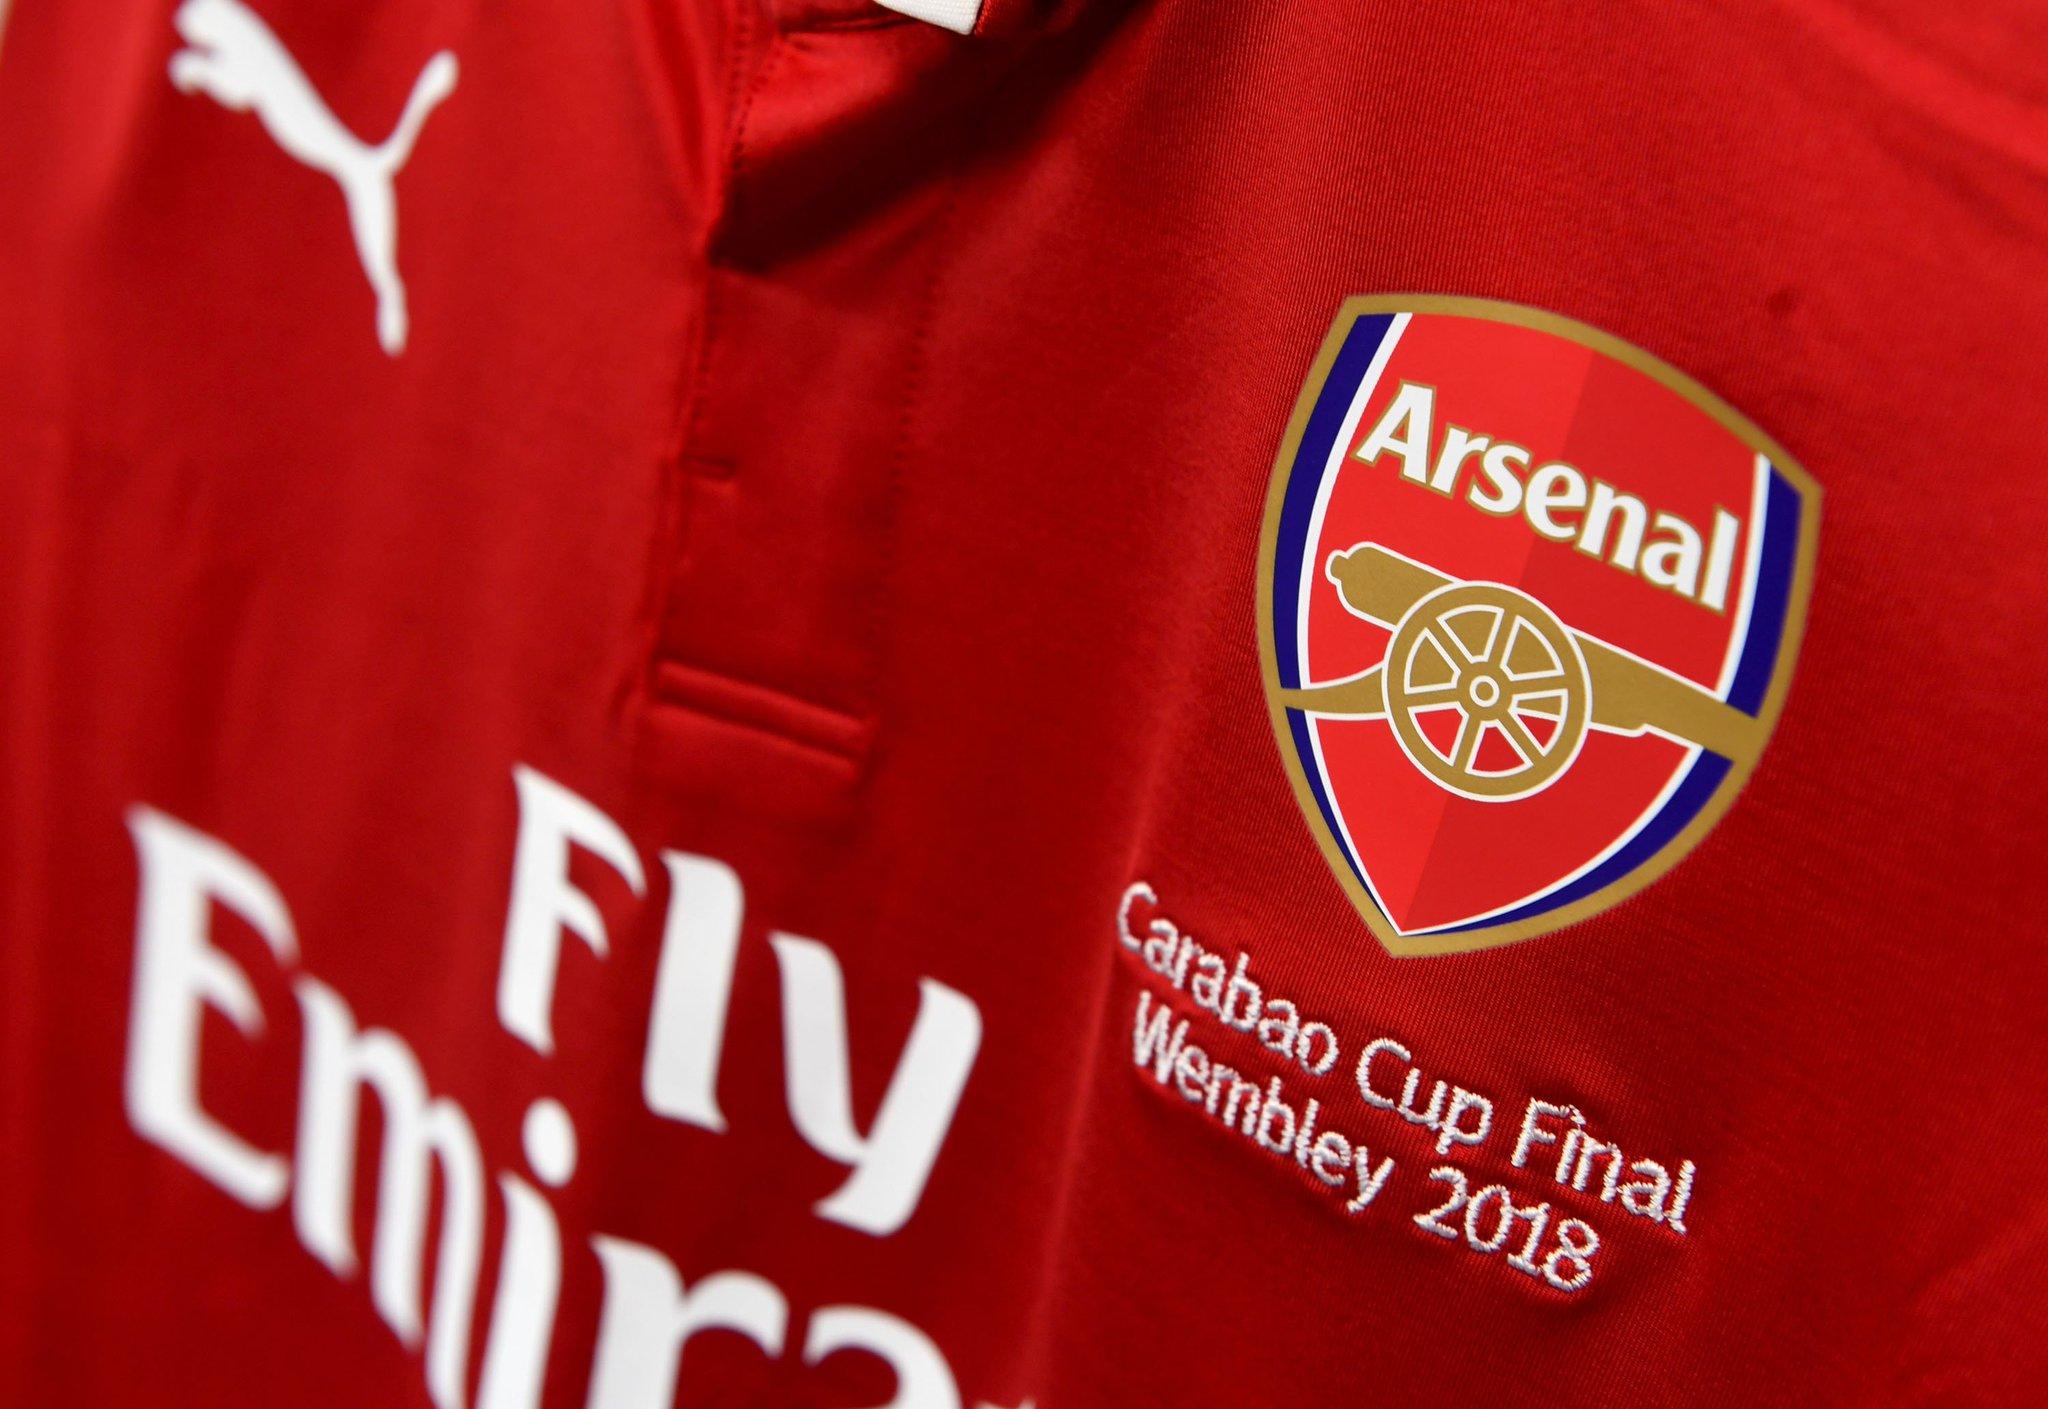 RT @Arsenal: #WeAreTheArsenal 🔴 https://t.co/rJ7yx6NQML